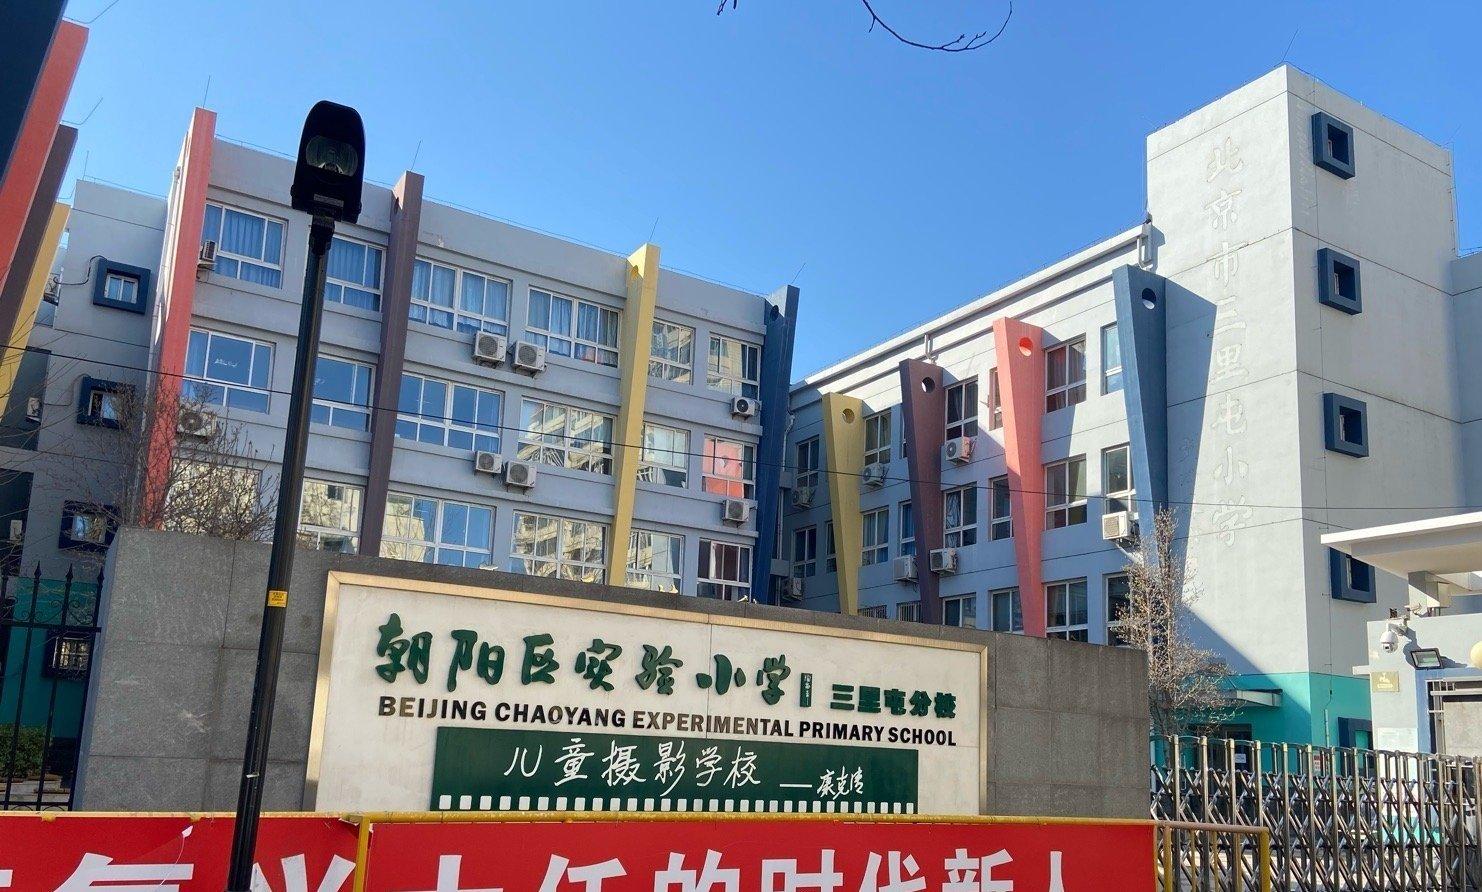 因疫情嚴重,北京大中小學都沒有開學,學校大門緊閉,校門口都貼出告示,開學時間另行通知,所有學生在家上網課。(大紀元)